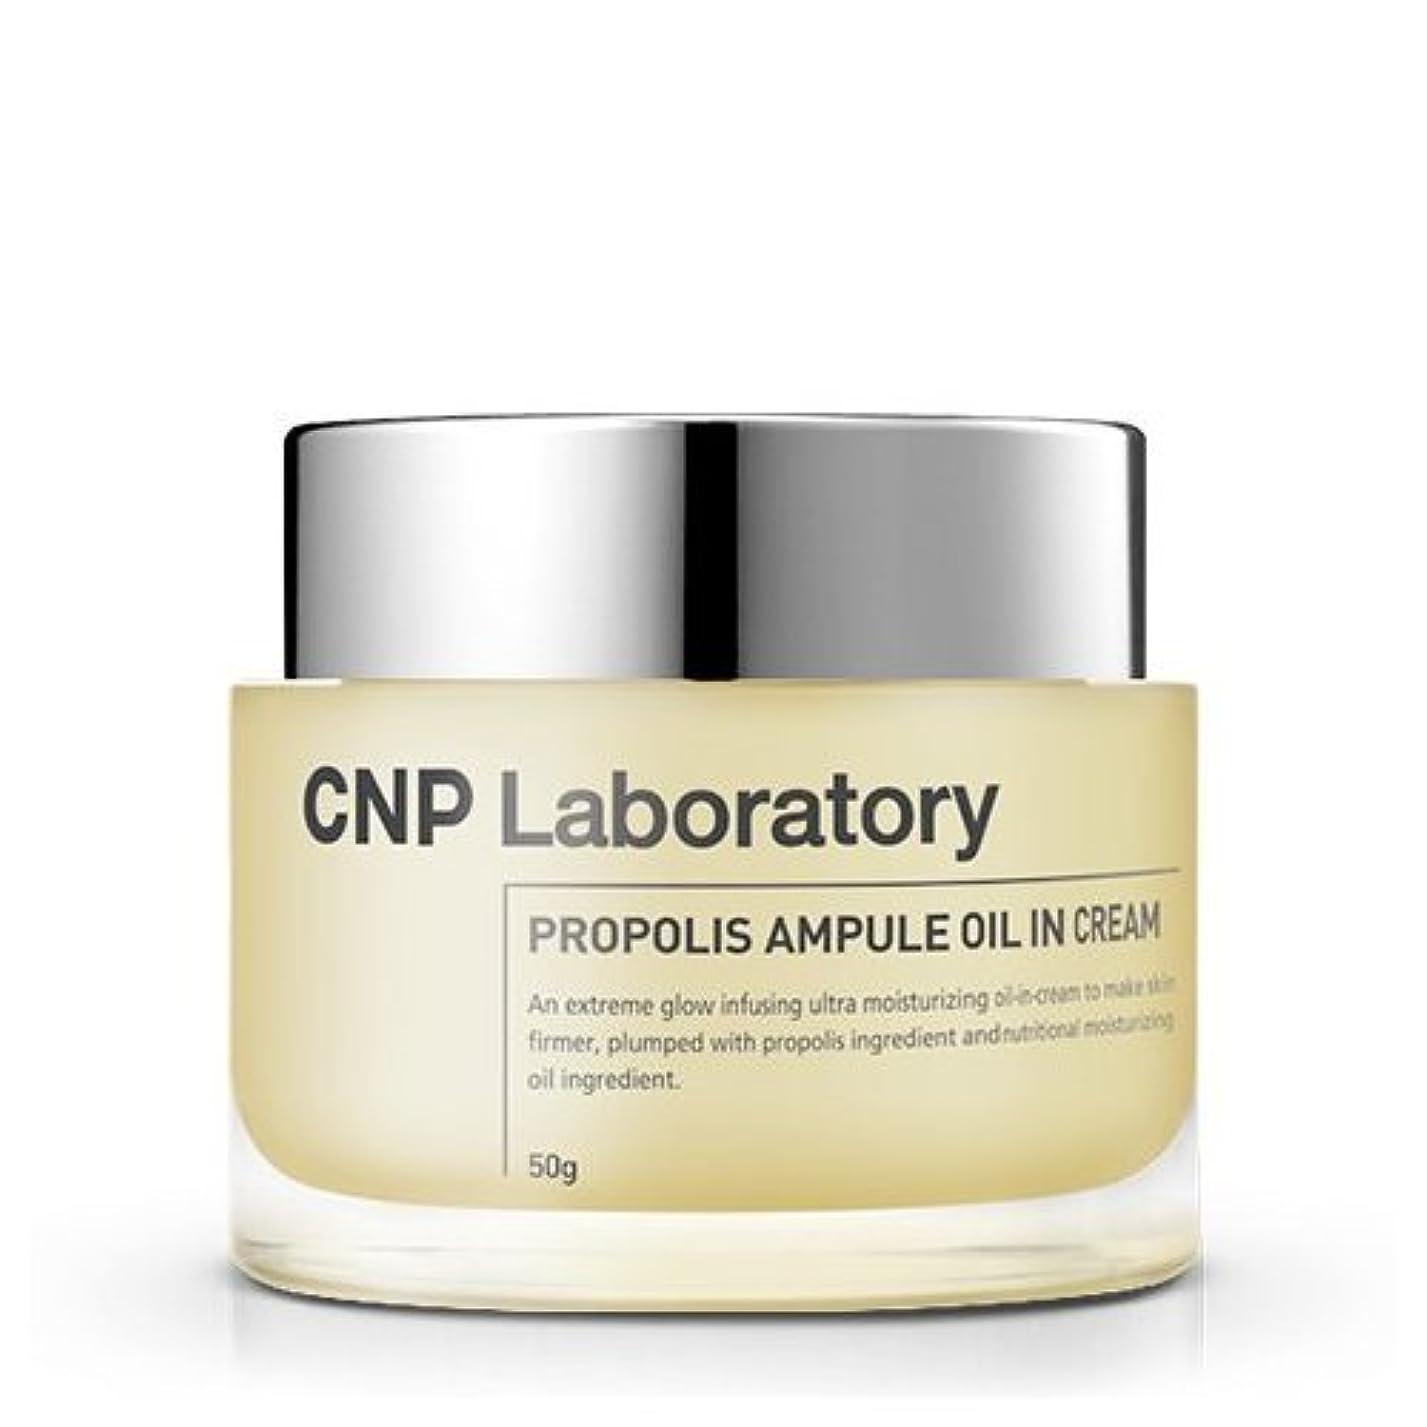 共和党優遇メッシュCNP Laboratory プロポリスアンプルオイルインクリーム50ミリリットル